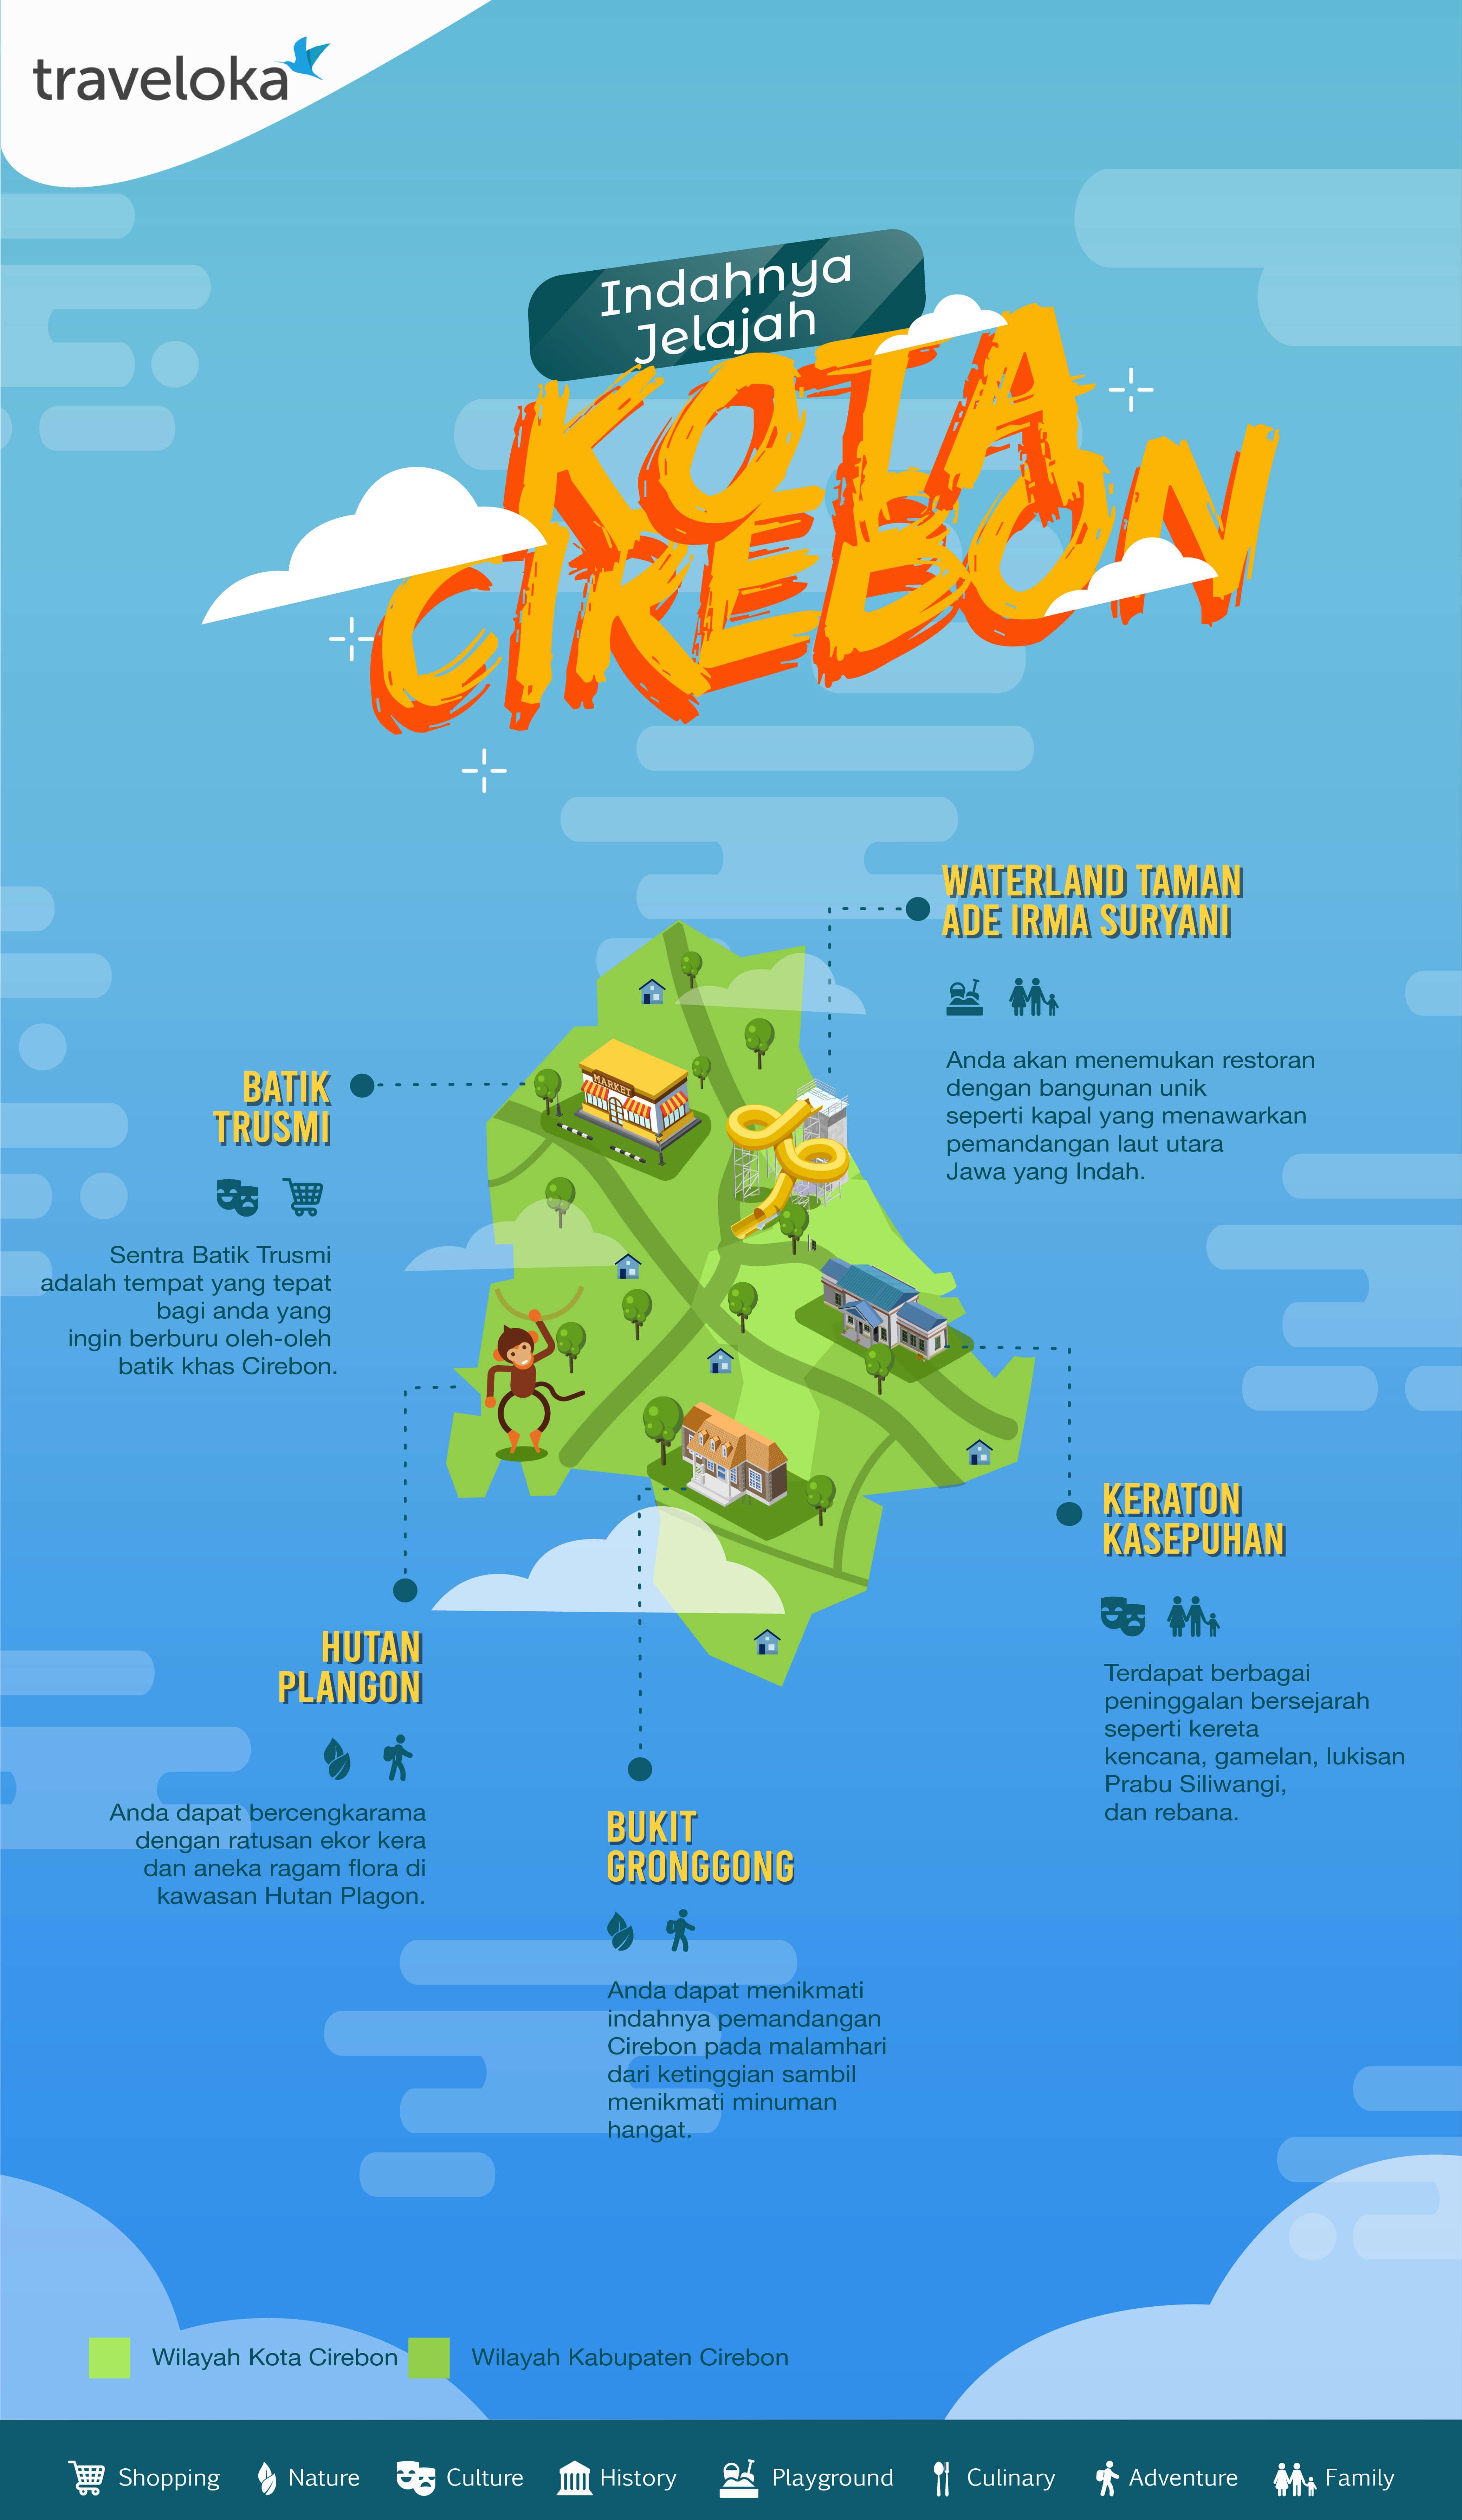 Wisata populer di Cirebon